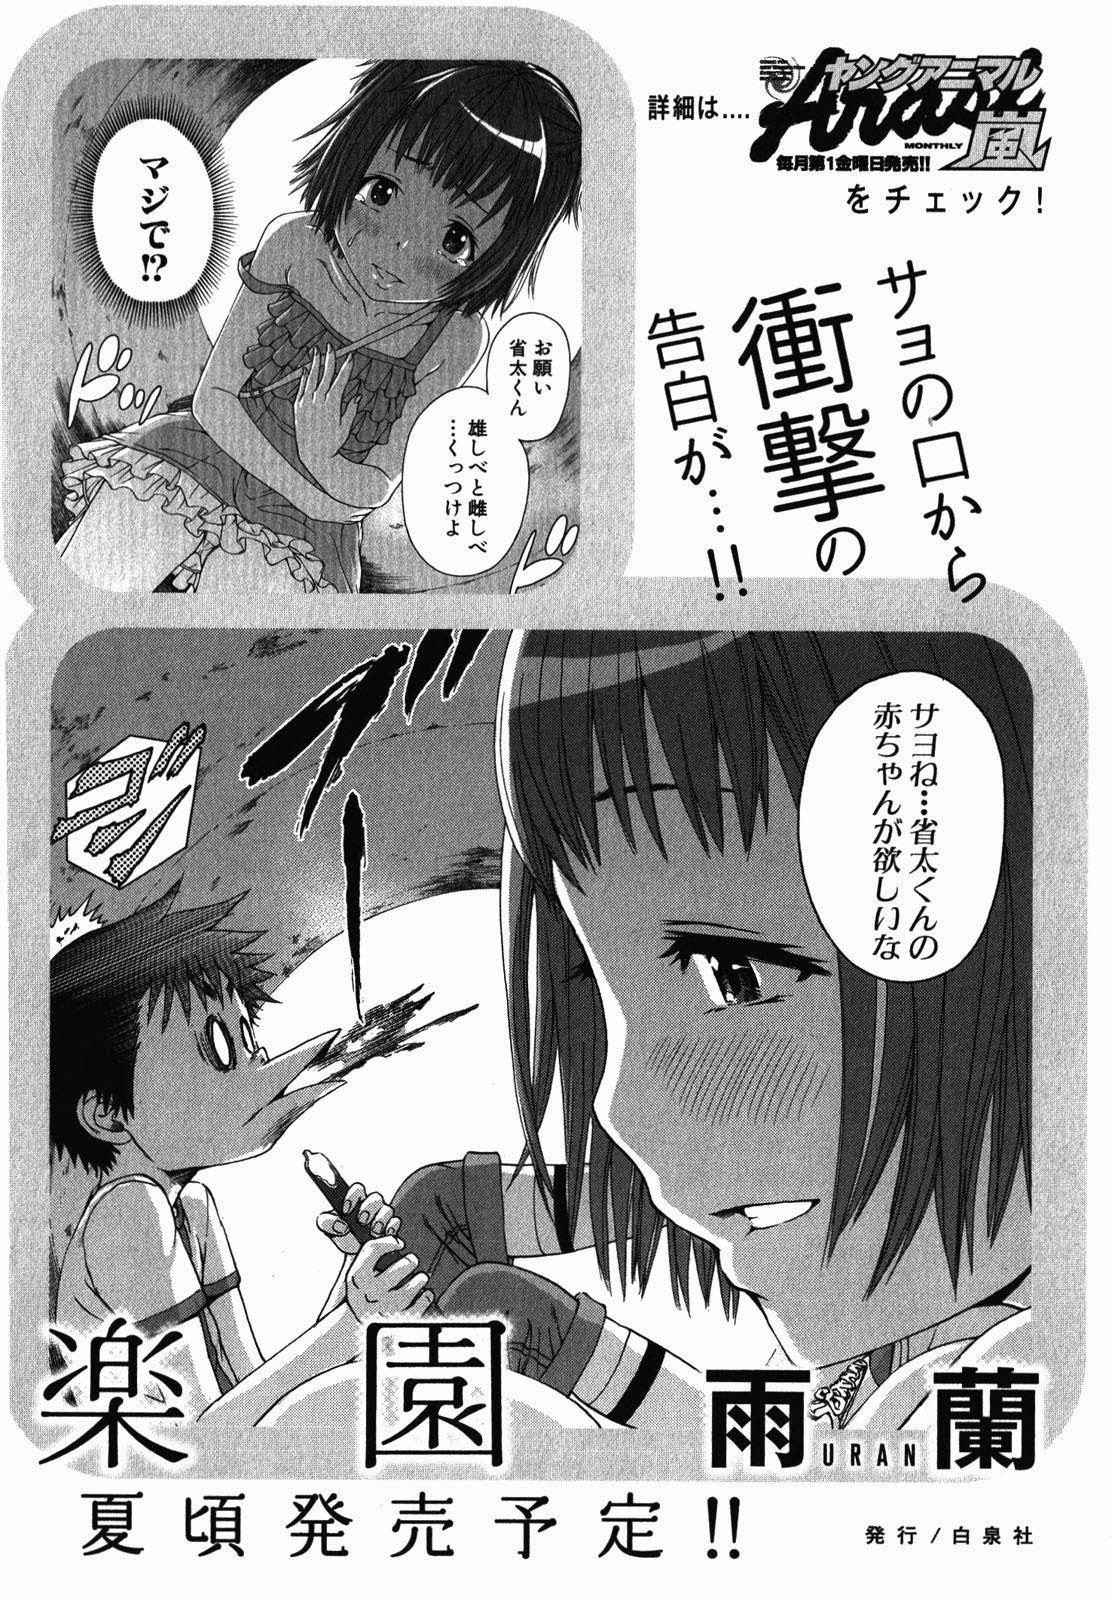 Hình ảnh 0016 in [Siêu phẩm] Mujaki no Rakuen Hentai Series